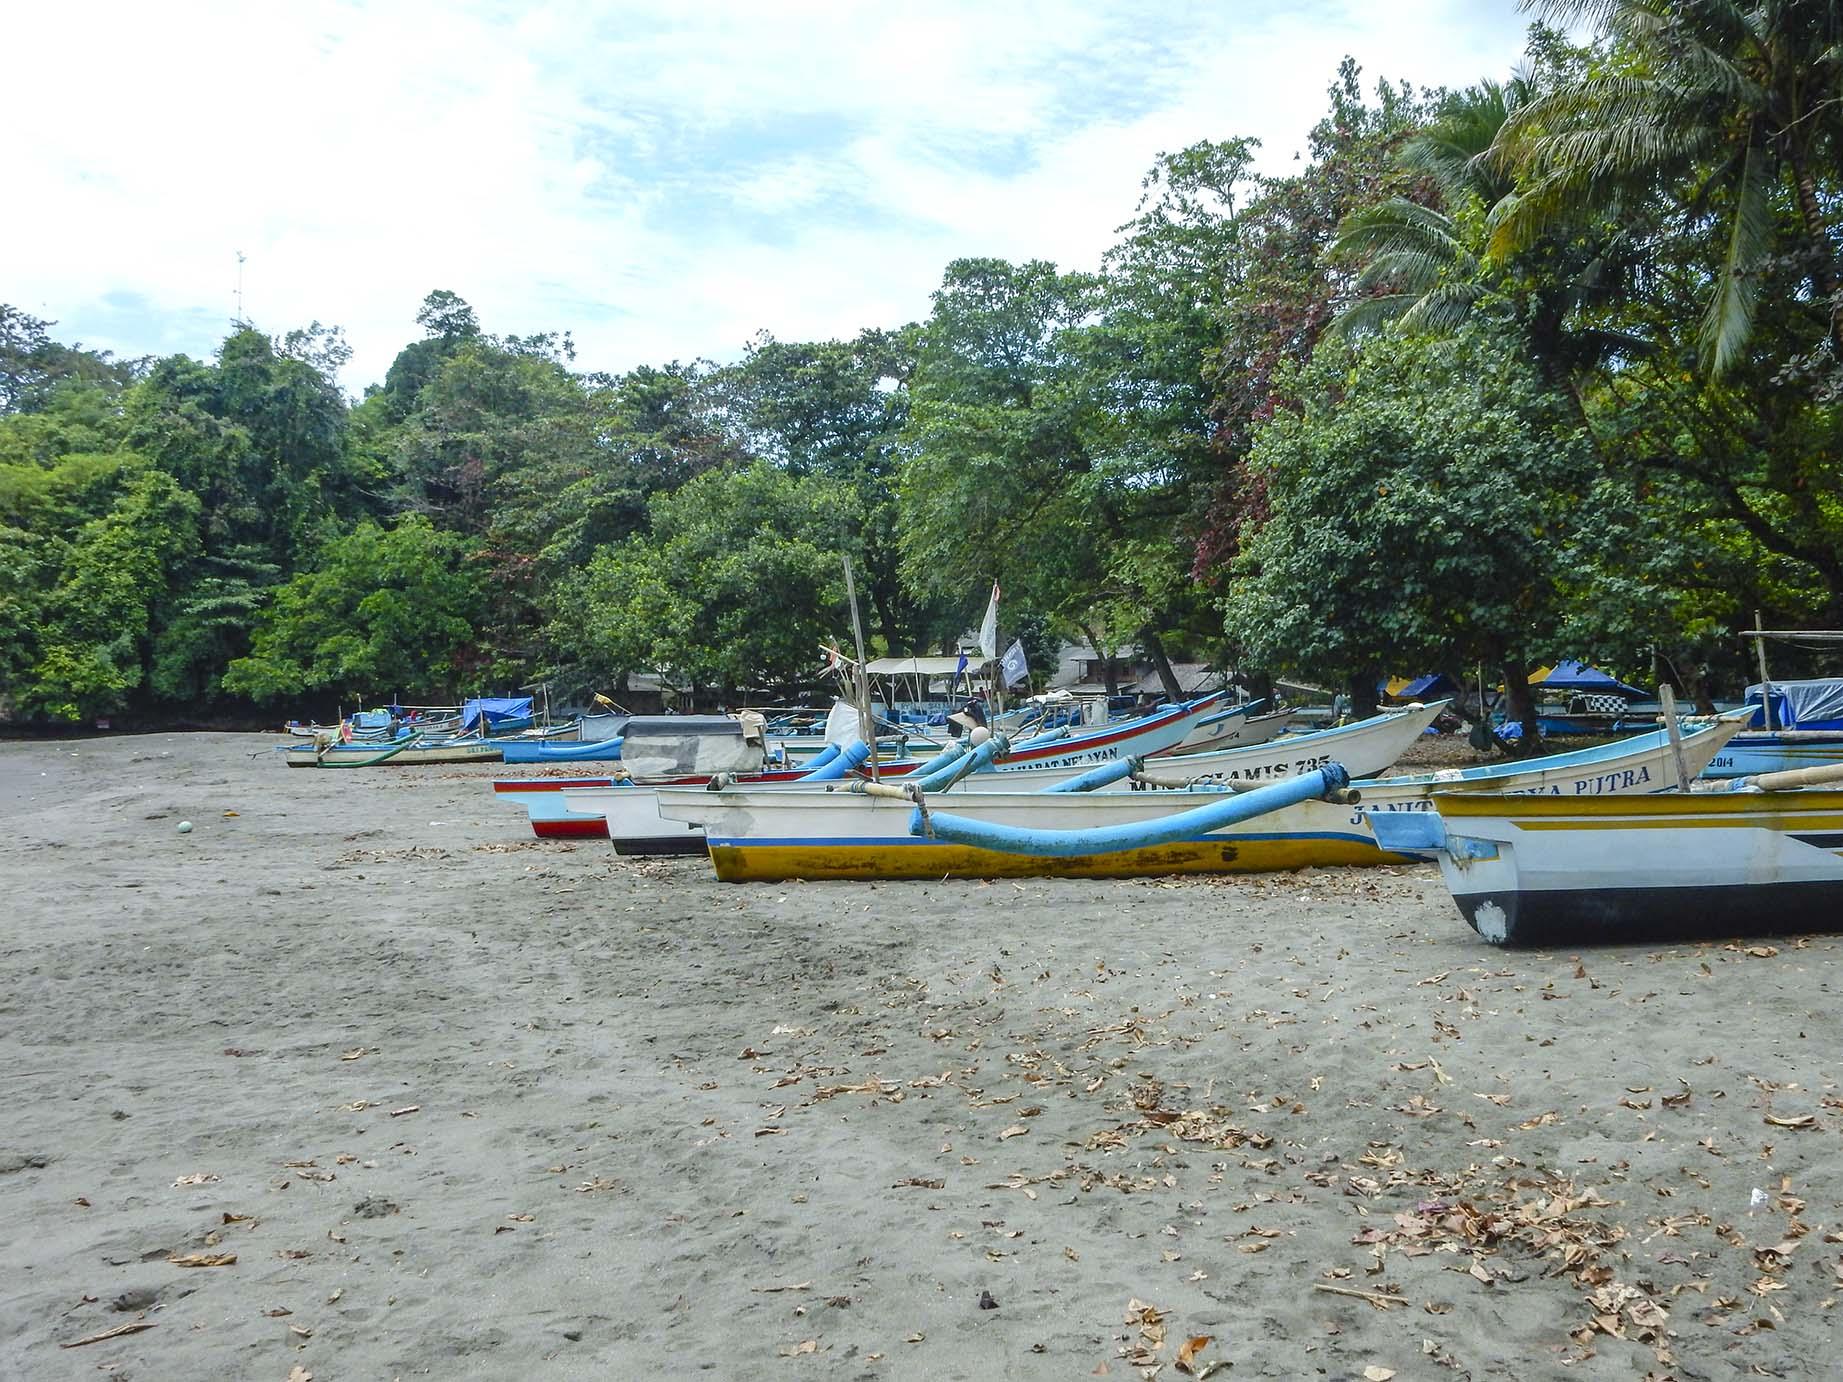 jajaran perahu nelayan di pantai batukaras